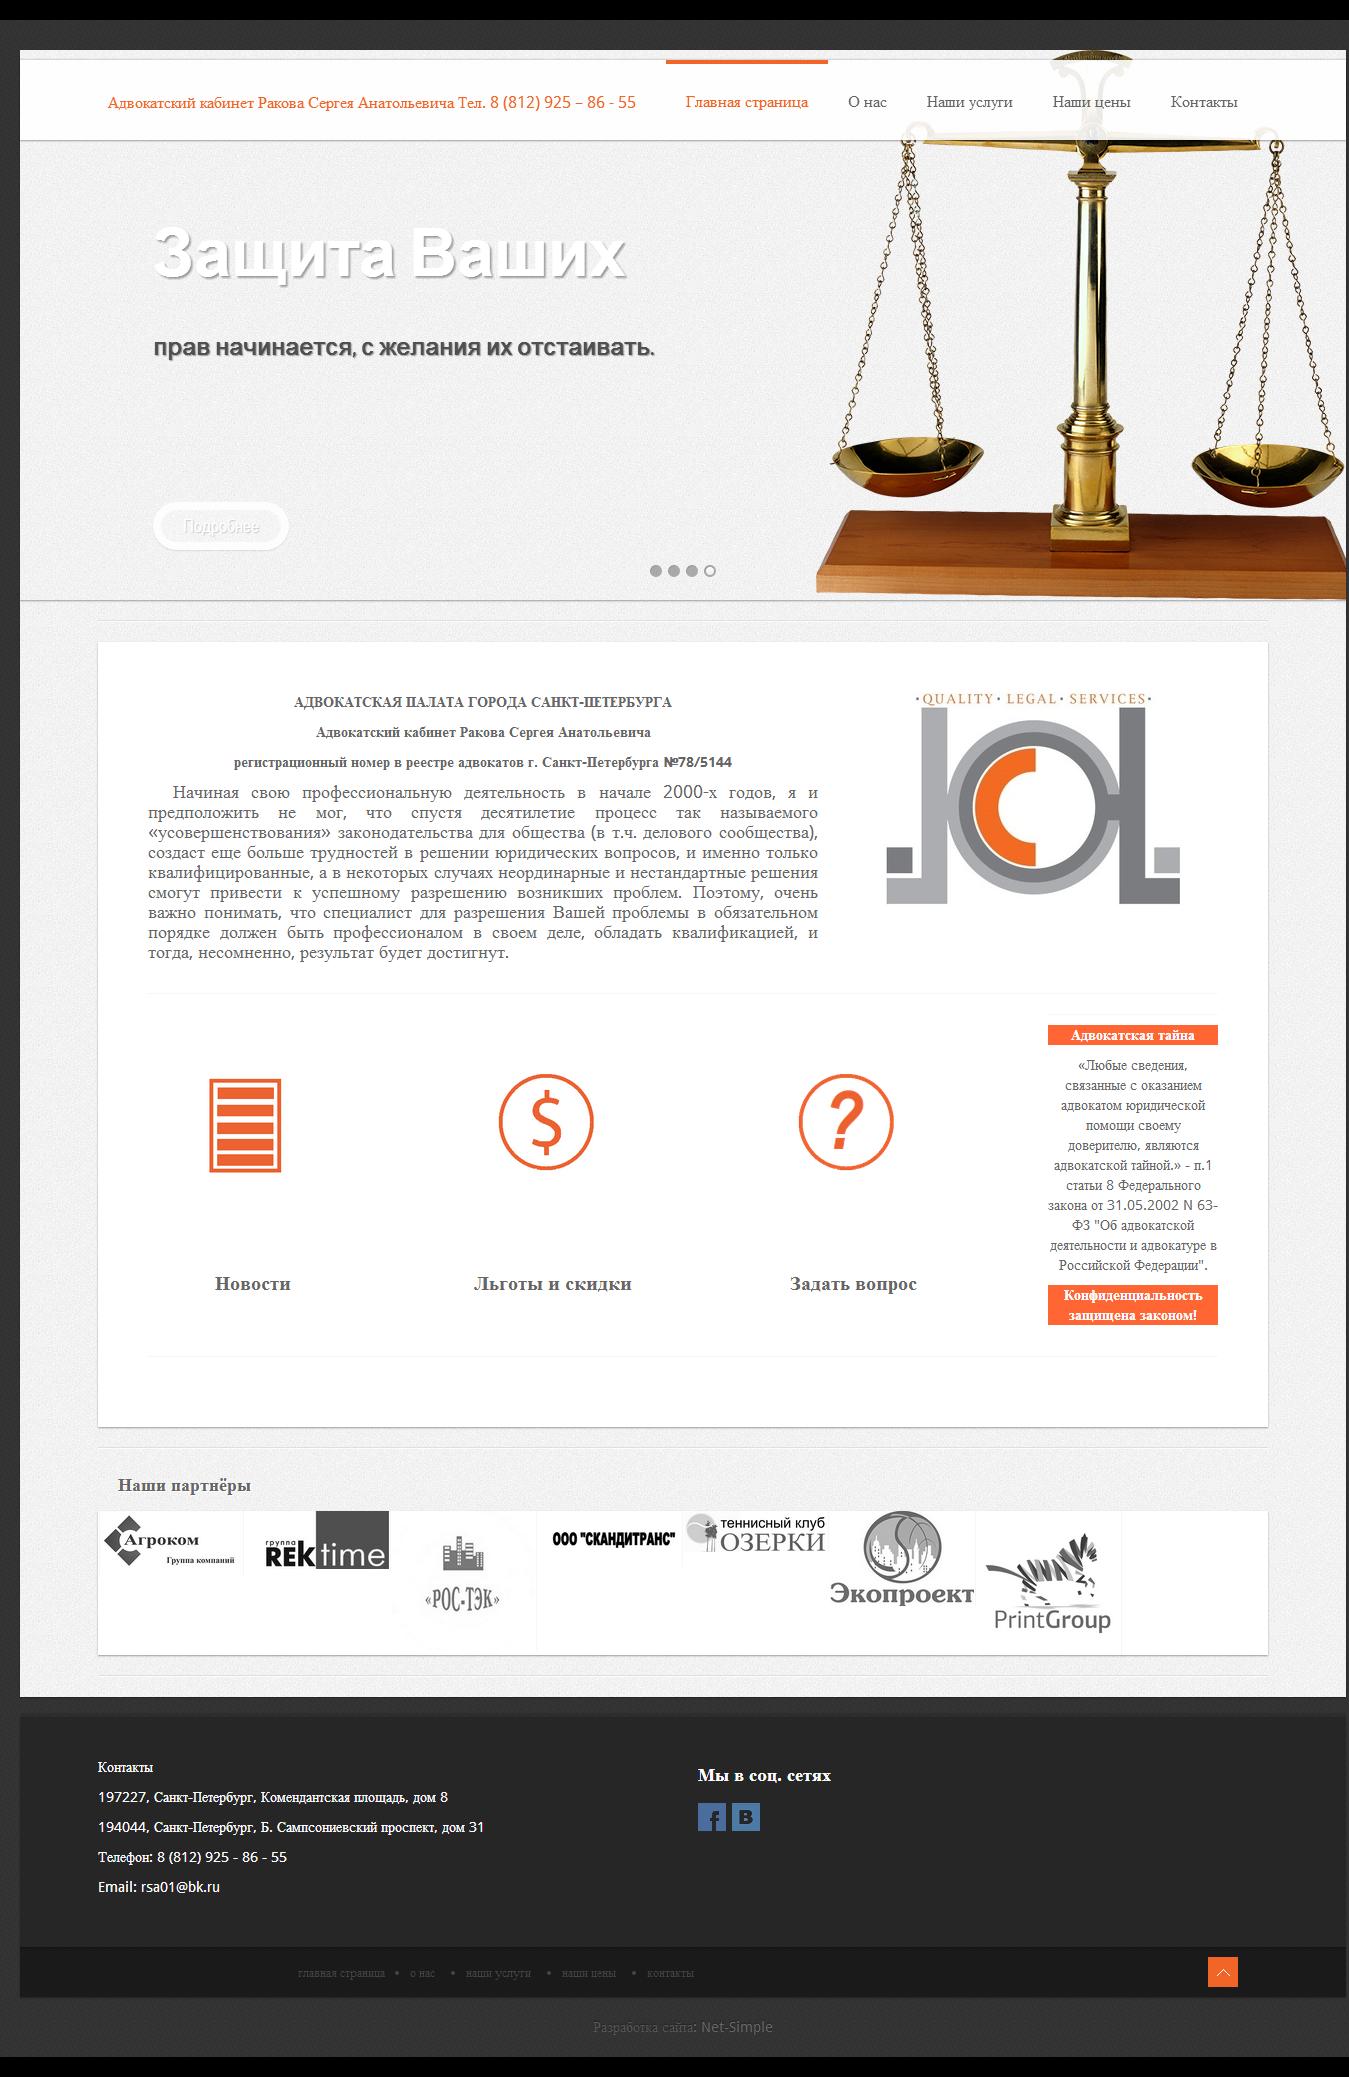 Персональный сайт Адвоката Ракова Сергея Анатольевича